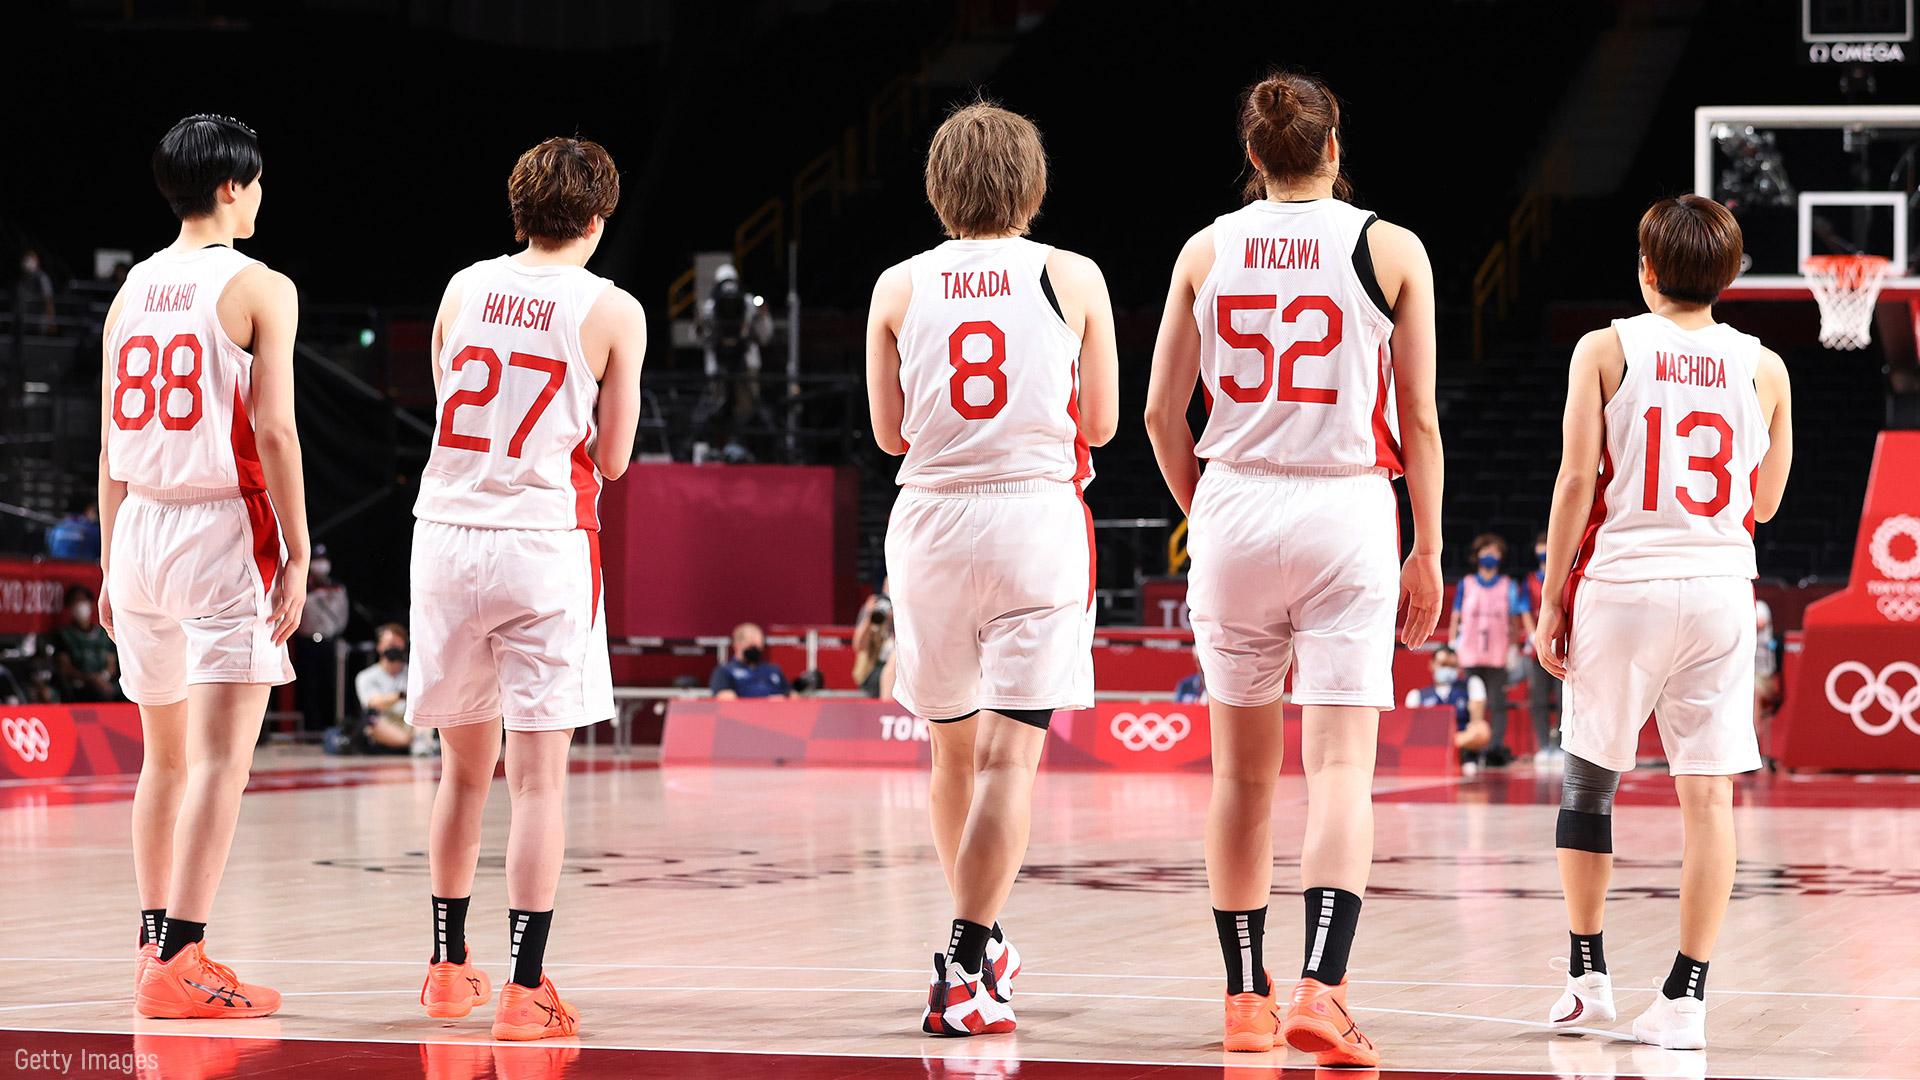 Nhật Bản xuất sắc tiến vào chung kết bóng rổ nữ lần đầu tiên trong lịch sử - Ảnh 3.